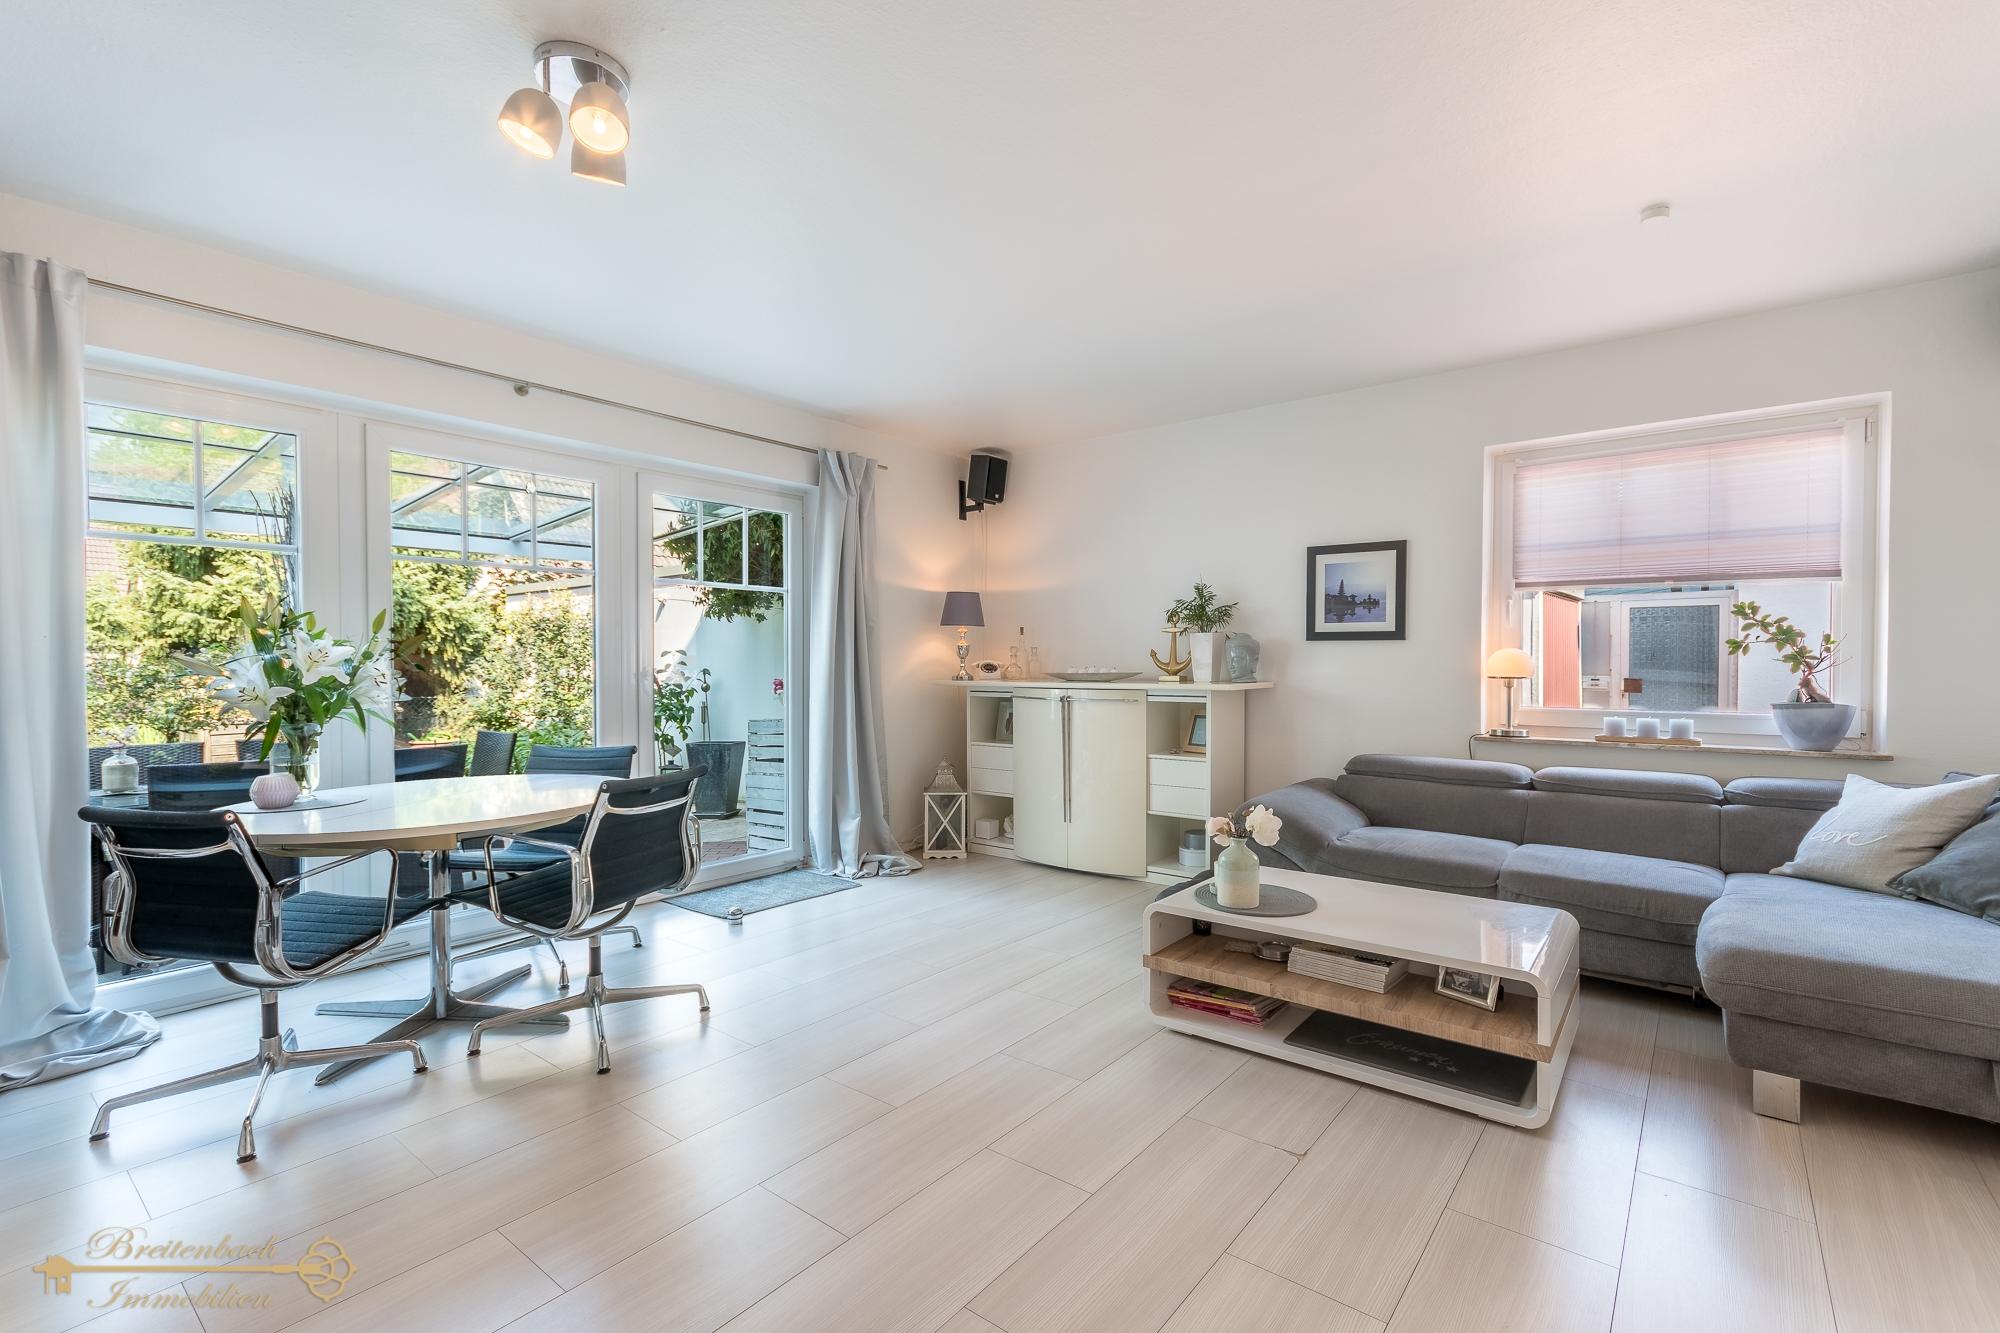 2020-08-13-Breitenbach-Immobilien-10